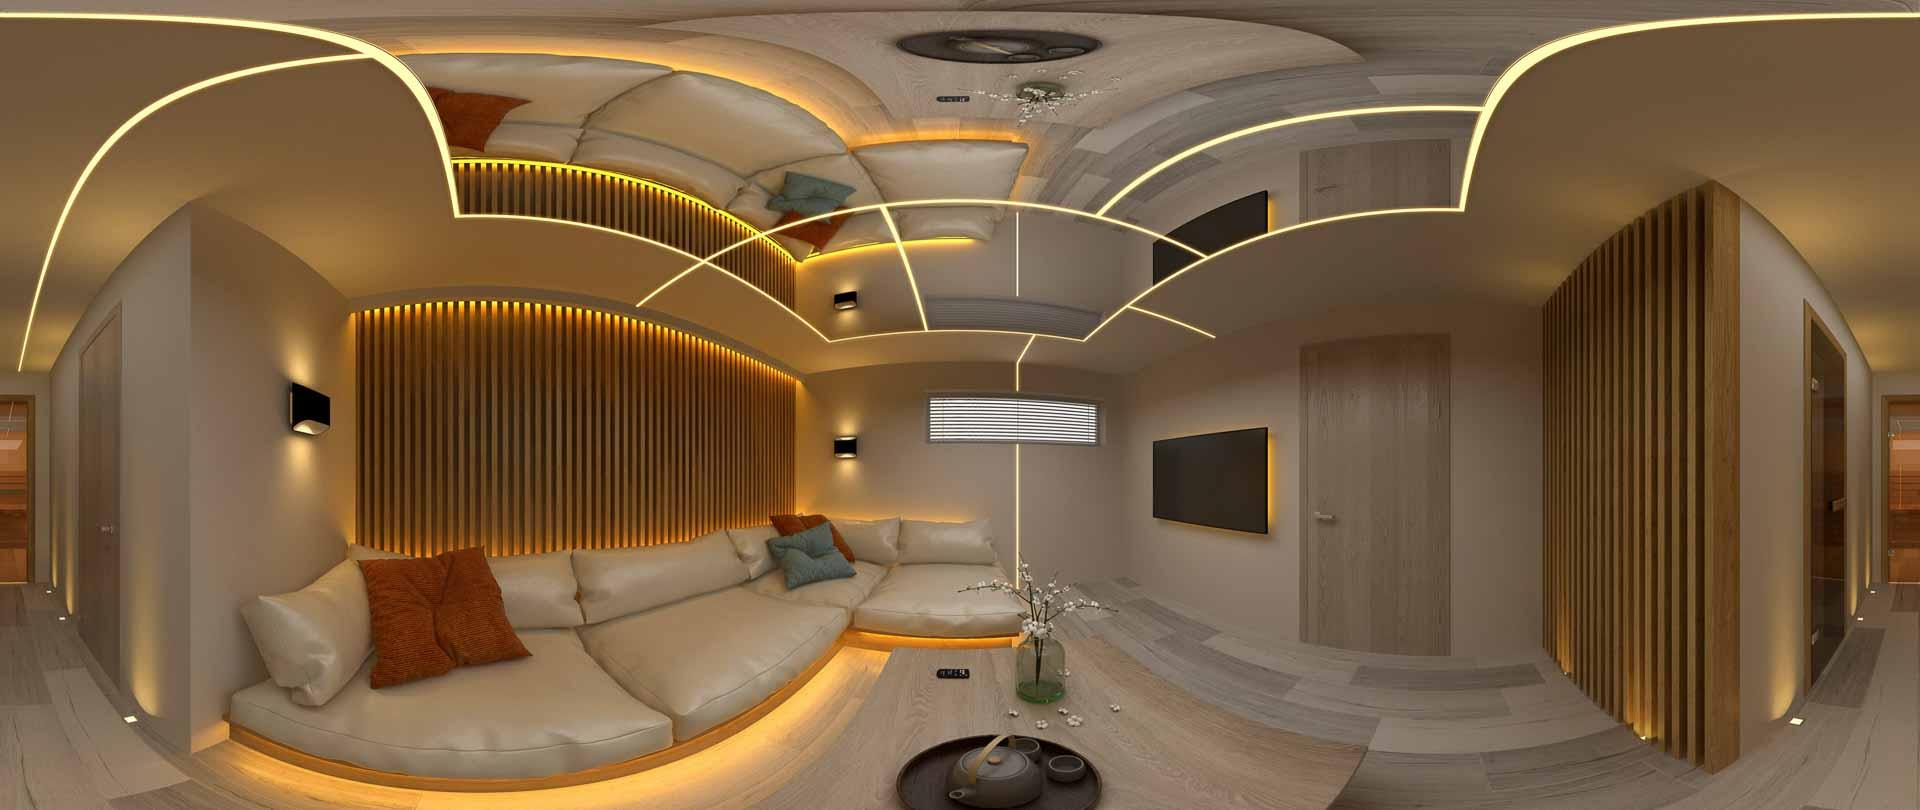 virtual tour 360 foto panoramiche per alberghi hotel motel